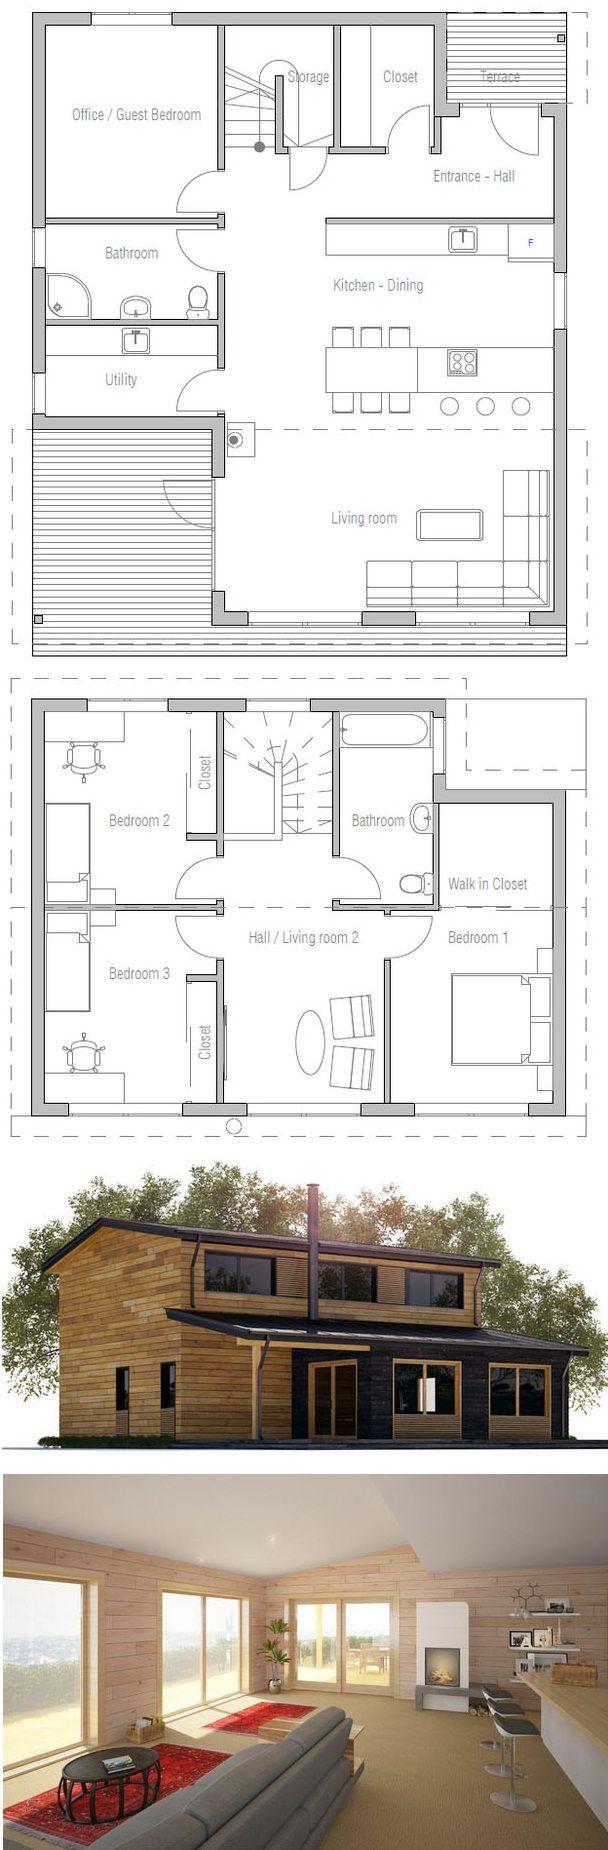 59 best modèles de maison jumelée plans de duplex plans de triplex de dessins drummond images on pinterest drawings duplex plans and garage plans